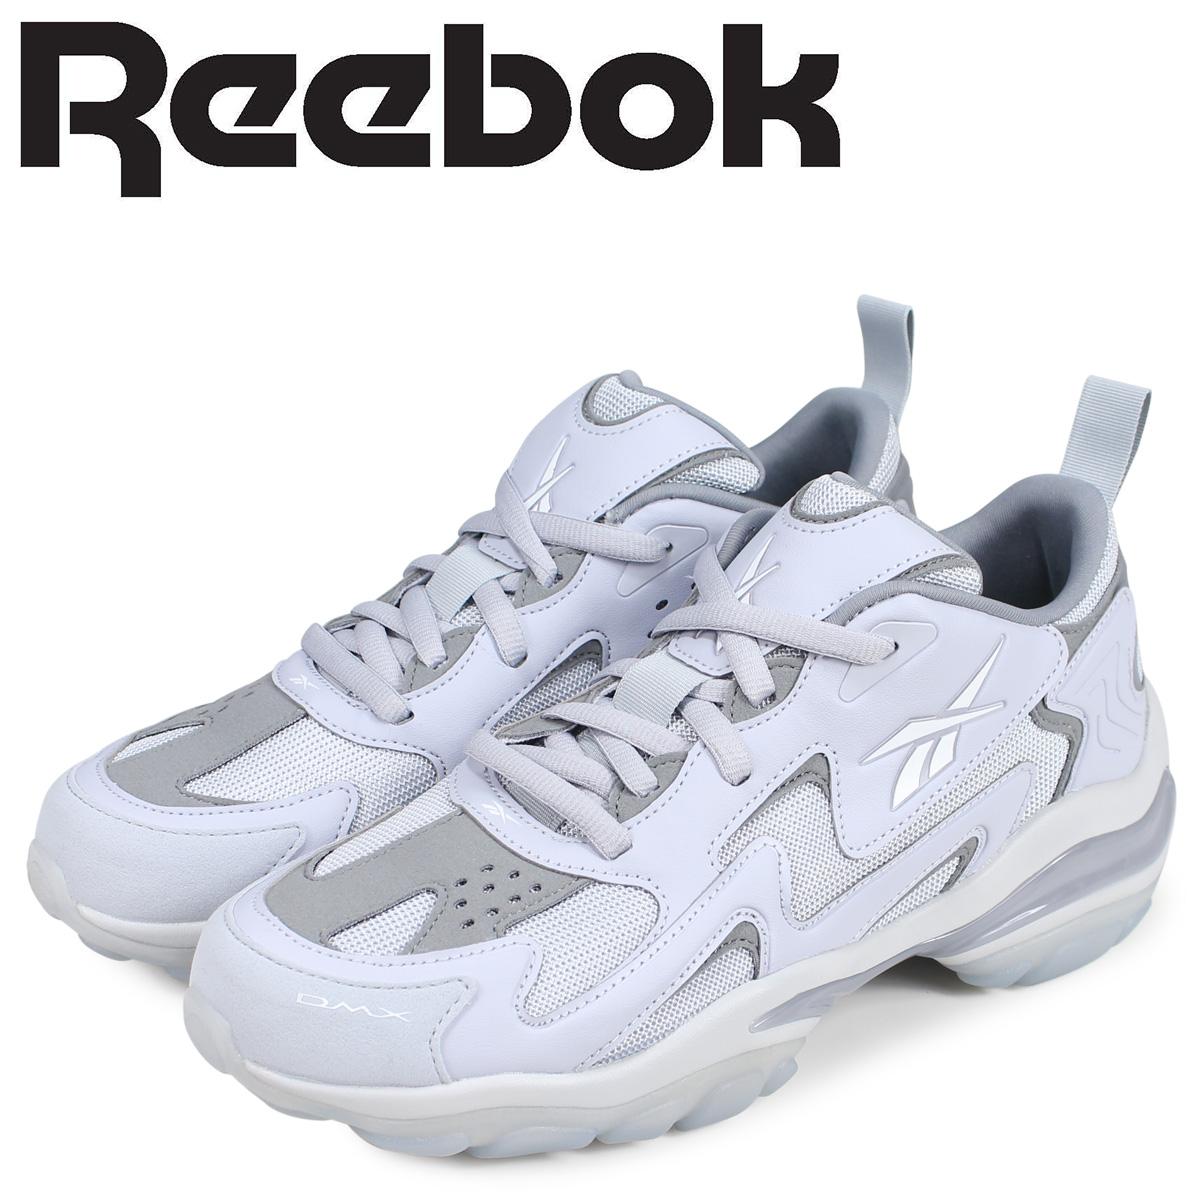 a6edef49 Reebok Reebok D M X series 1600 sneakers men DMX SERIES 1600 gray DV5562